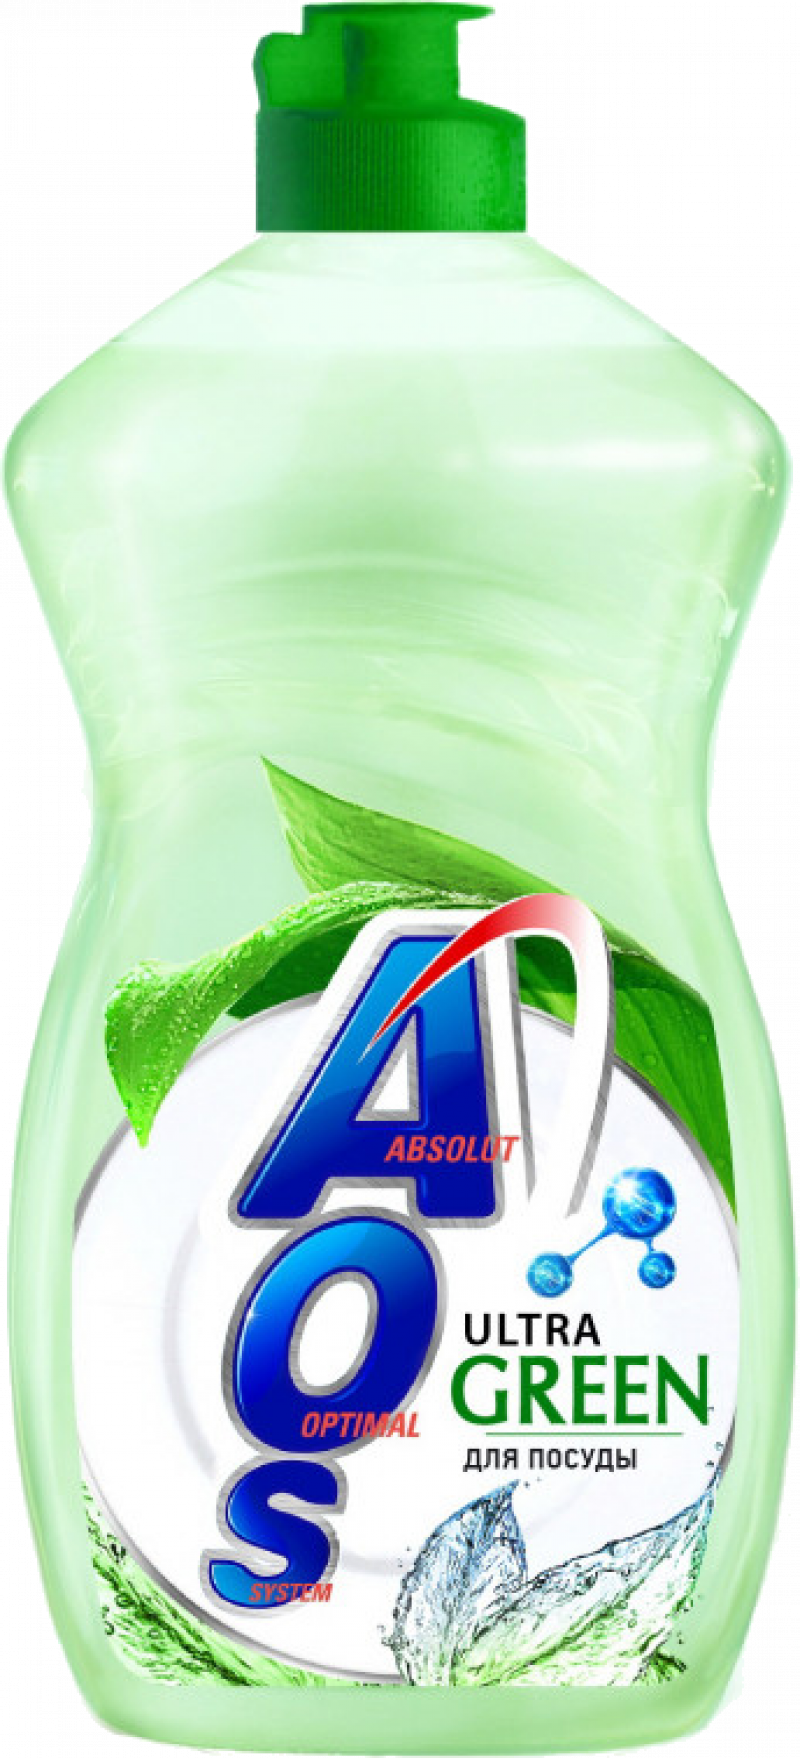 Бальзам для мытья посуды ТМ AOS Ультра Грин 450мл